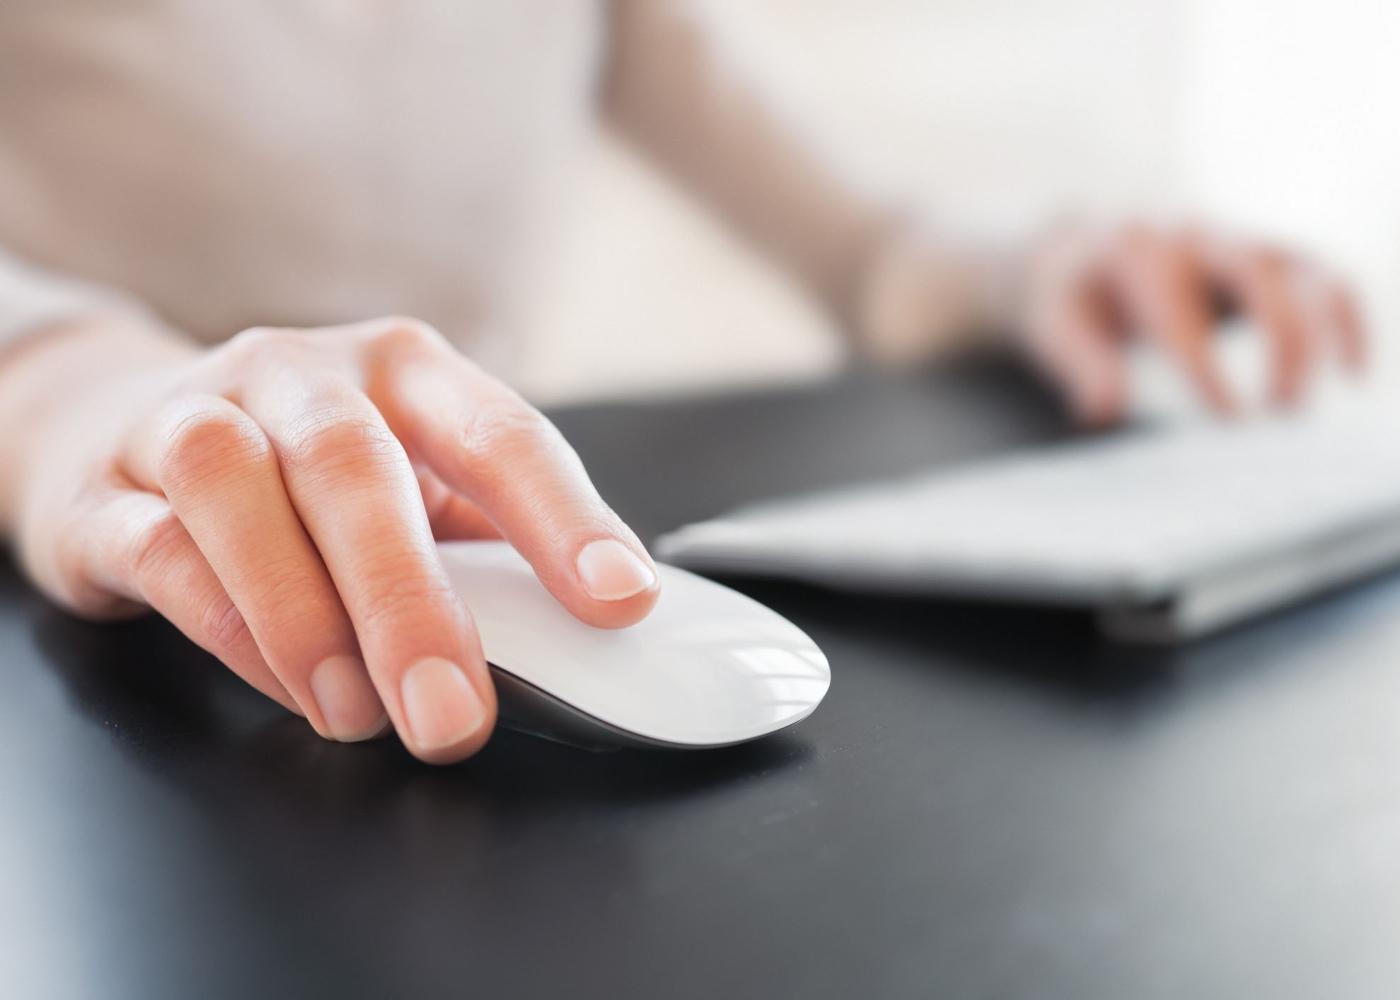 renovar o cartão de cidadão online